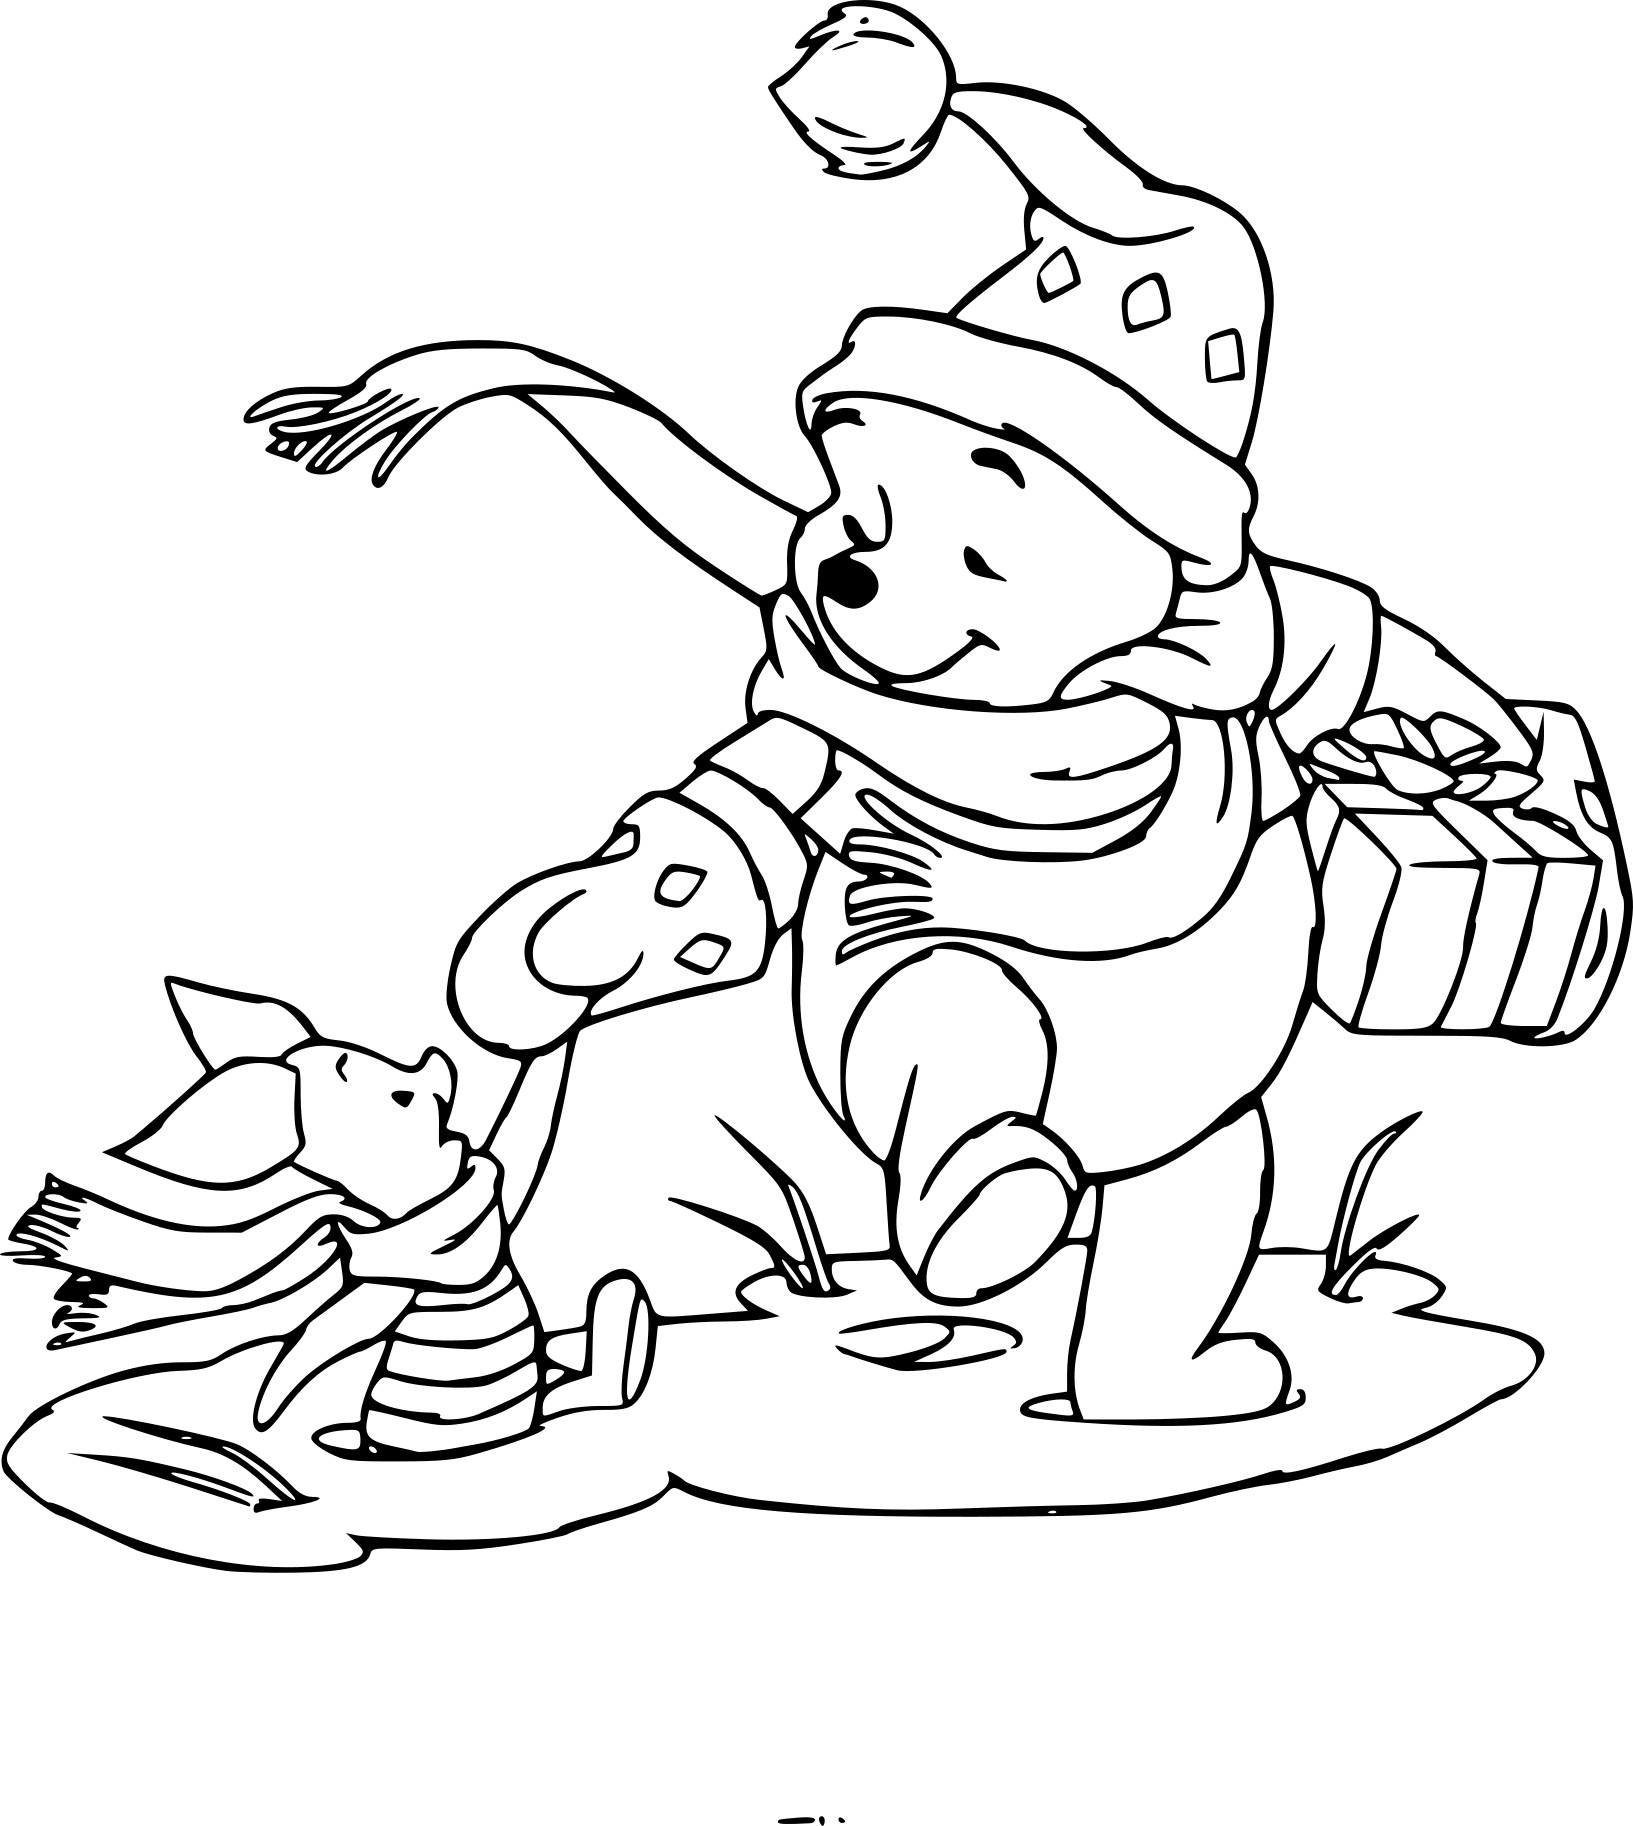 Coloriage Winnie L Ourson à Noël à Imprimer Gratuit